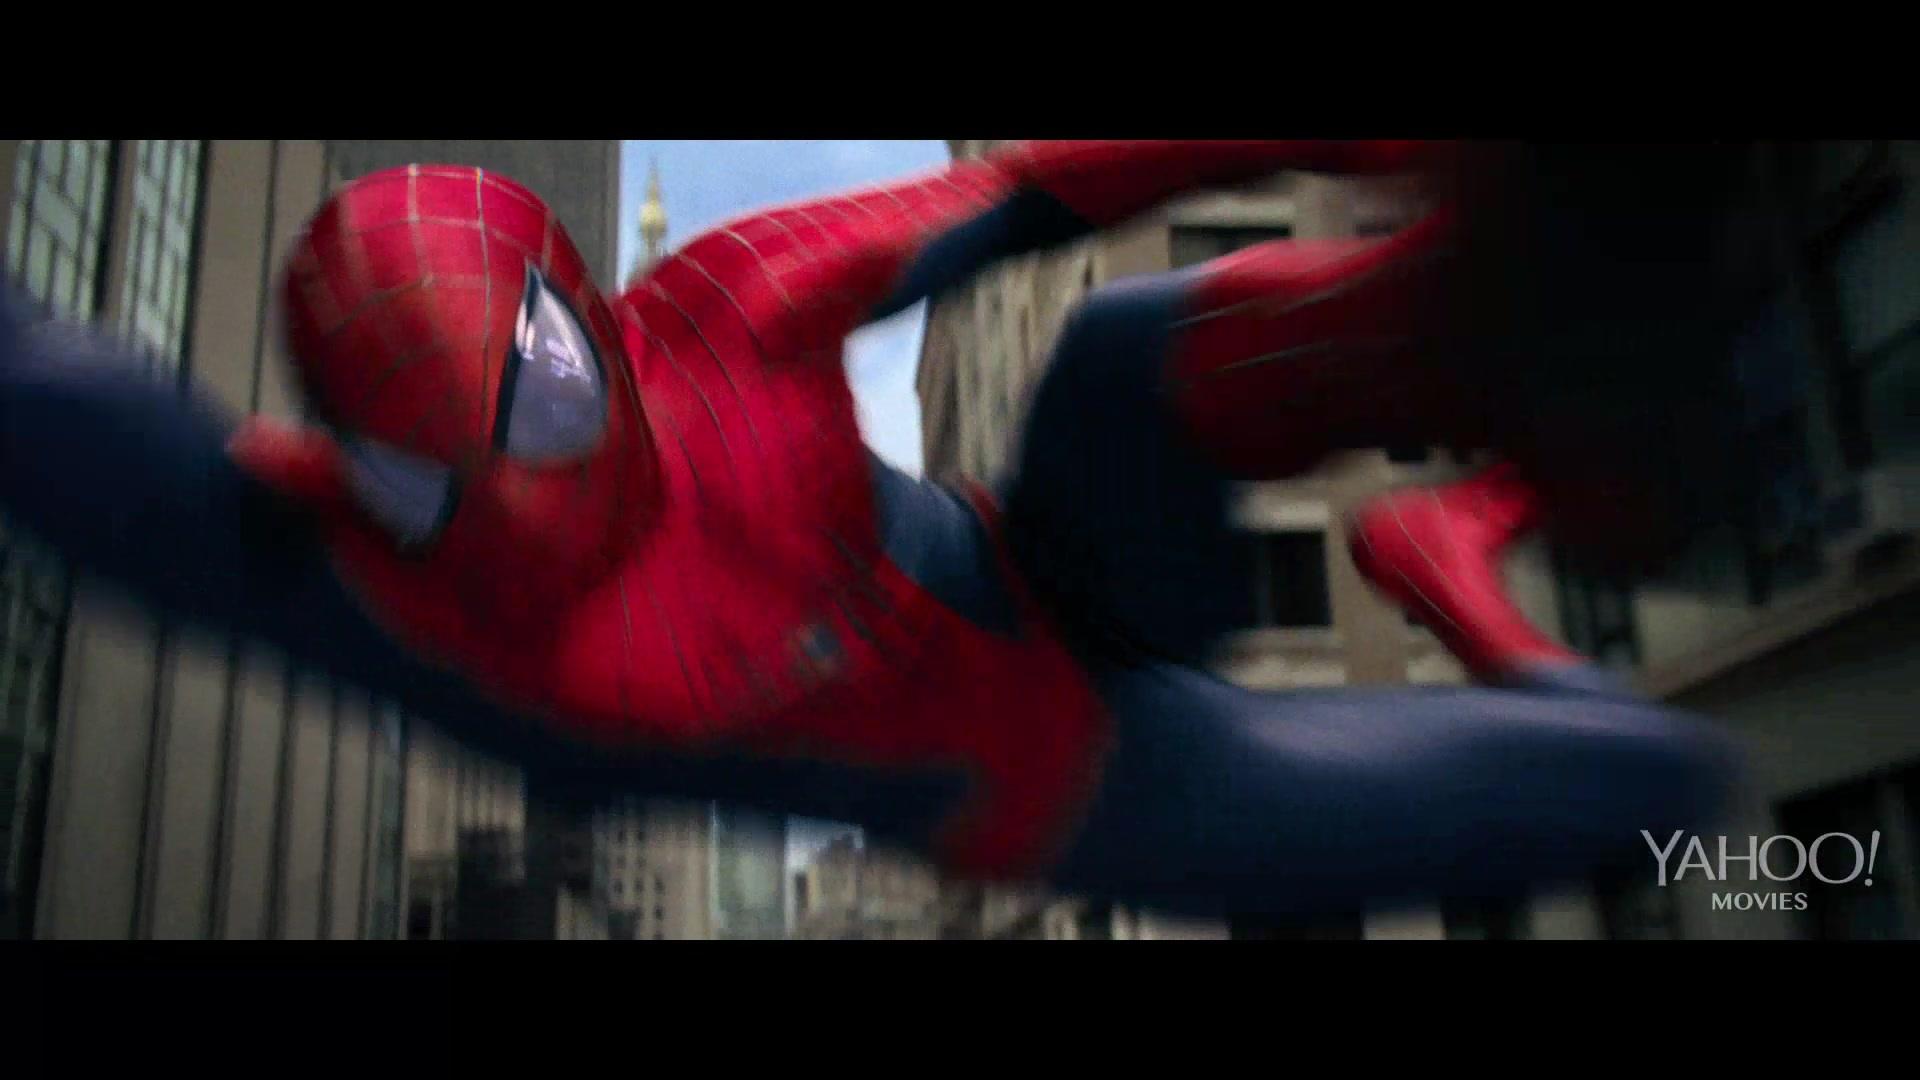 橡皮泥手工制作动物蜘蛛侠